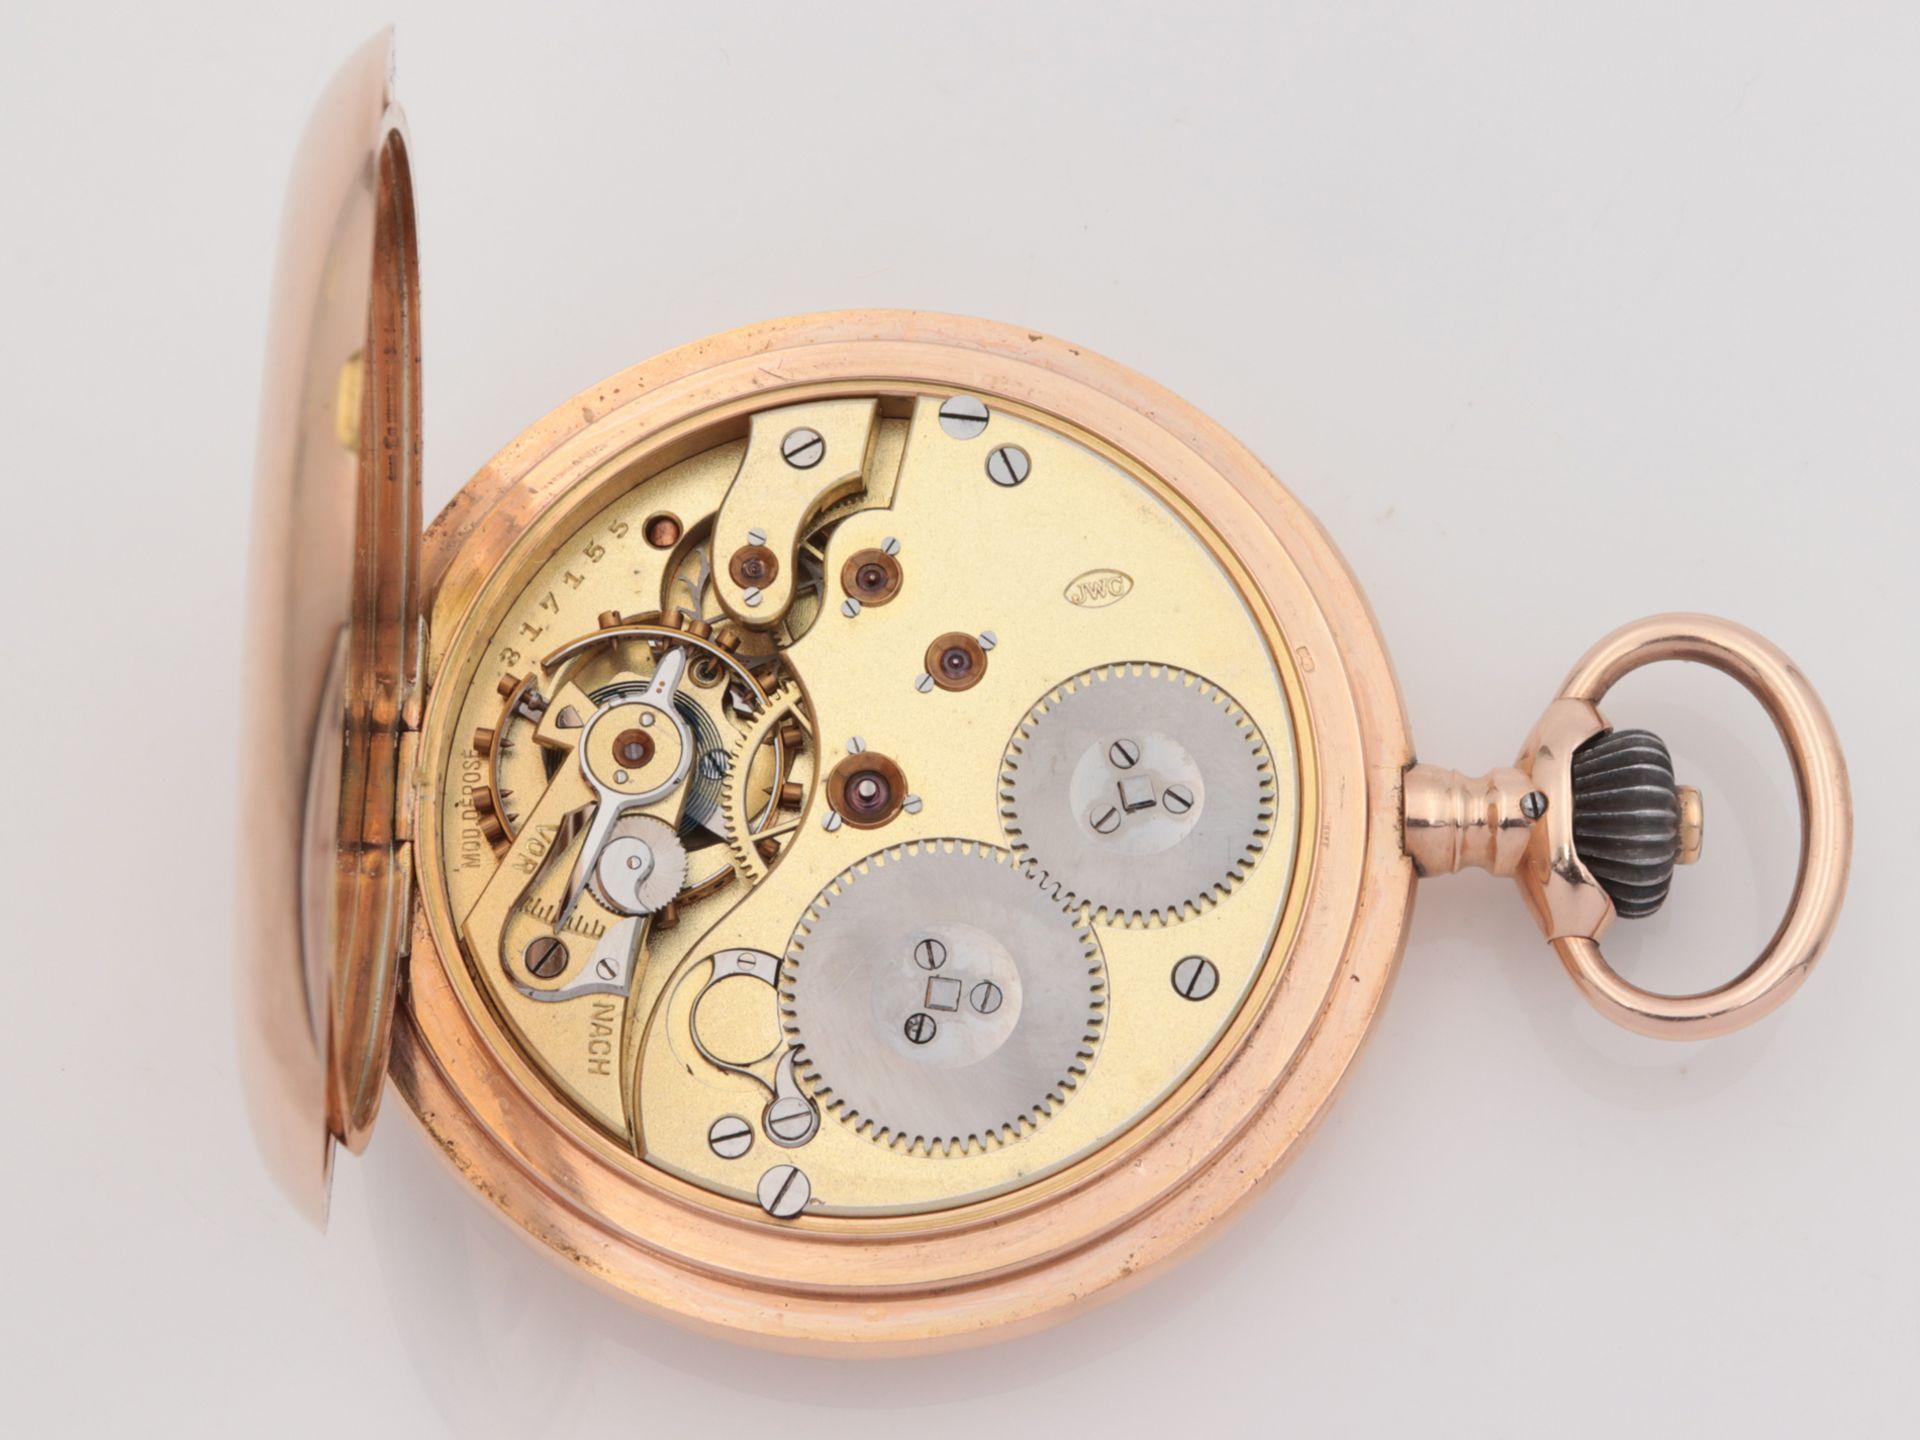 IWC – Herrentaschenuhr Gelbgold 585, 14Kt, Savonette, Dca.5cm, weißes Emailzifferbl - Image 13 of 22